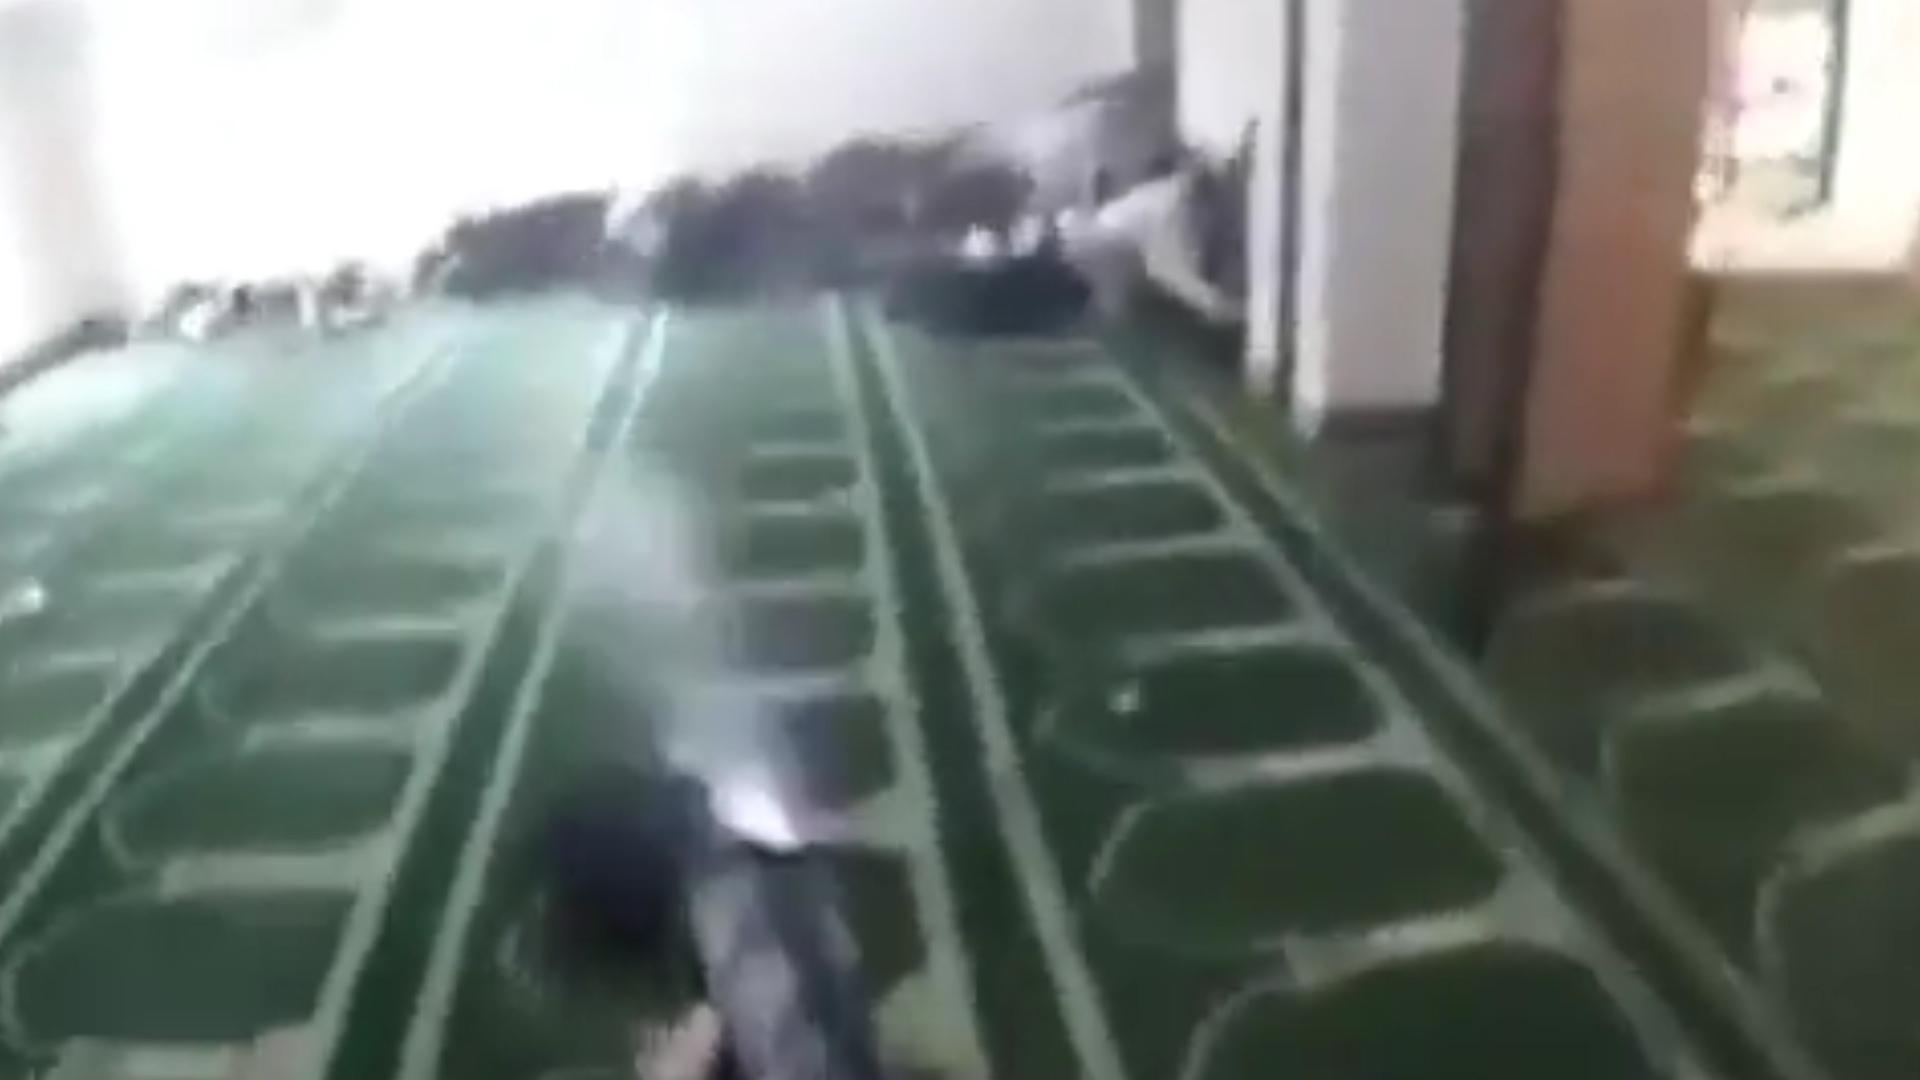 Matanza En Nueva Zelanda Update: El Video De La Masacre En La Mezquita En Nueva Zelanda Que